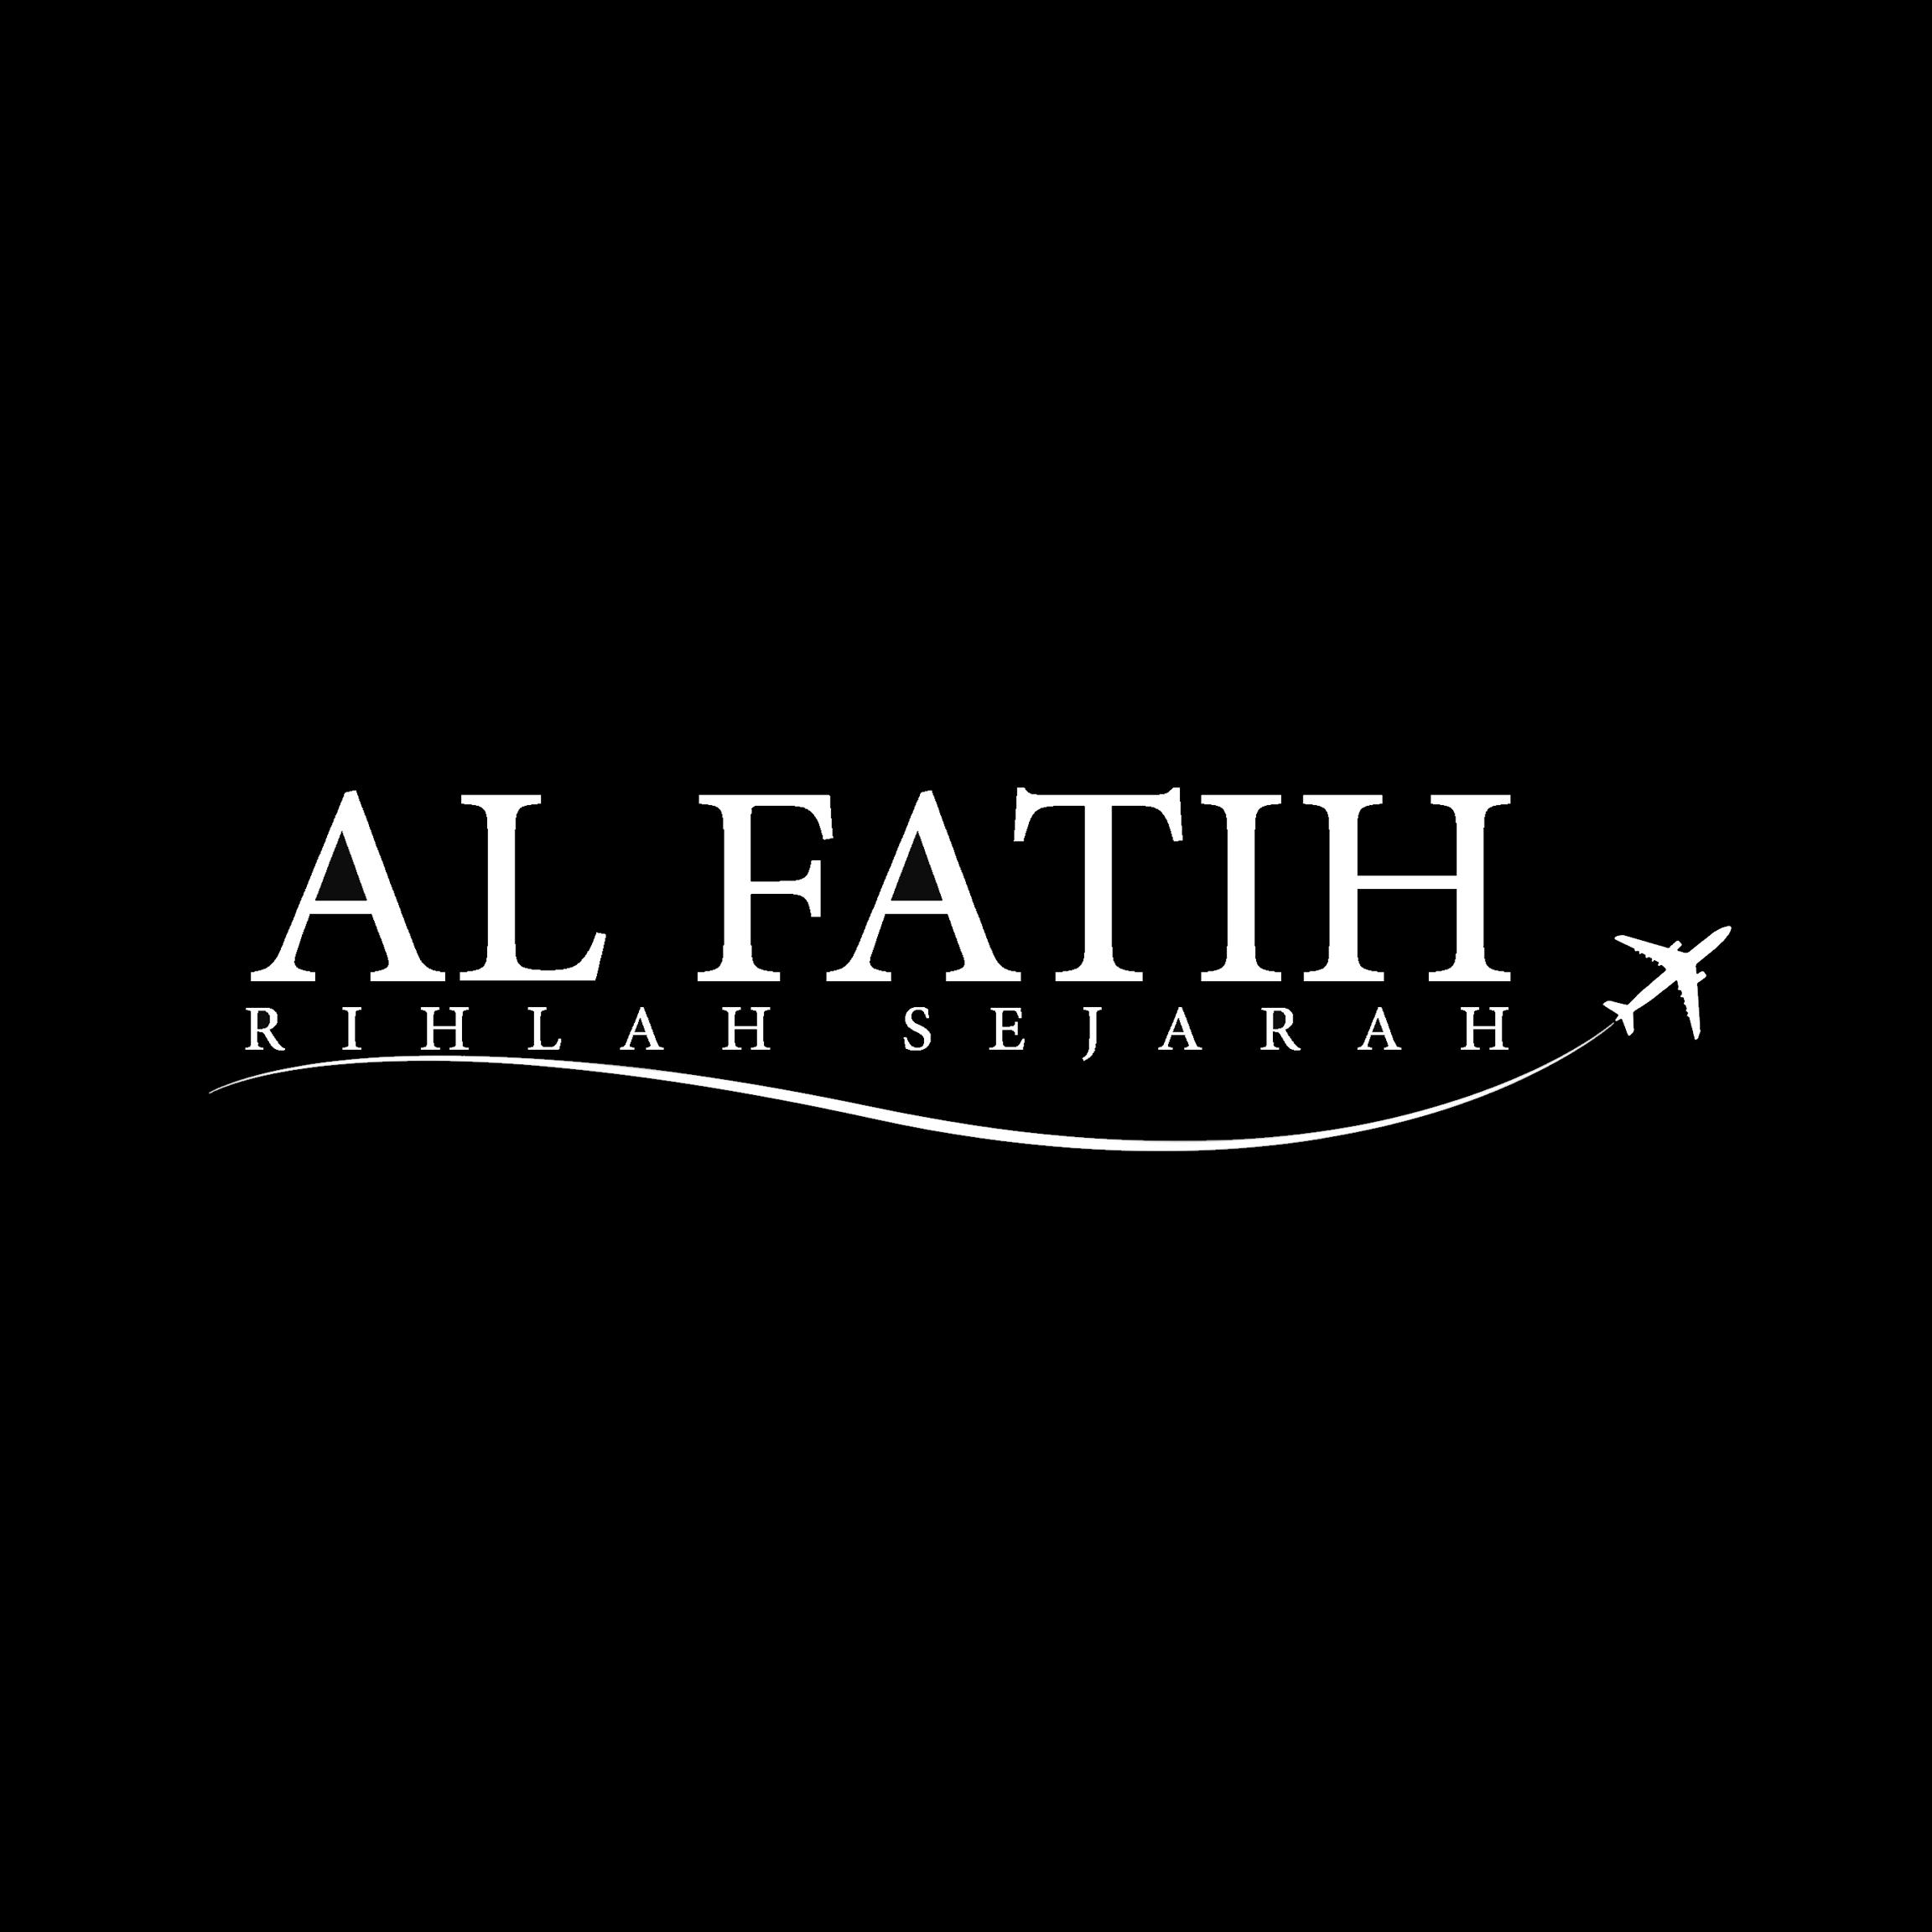 logo-al-fatih-rihlah-BW